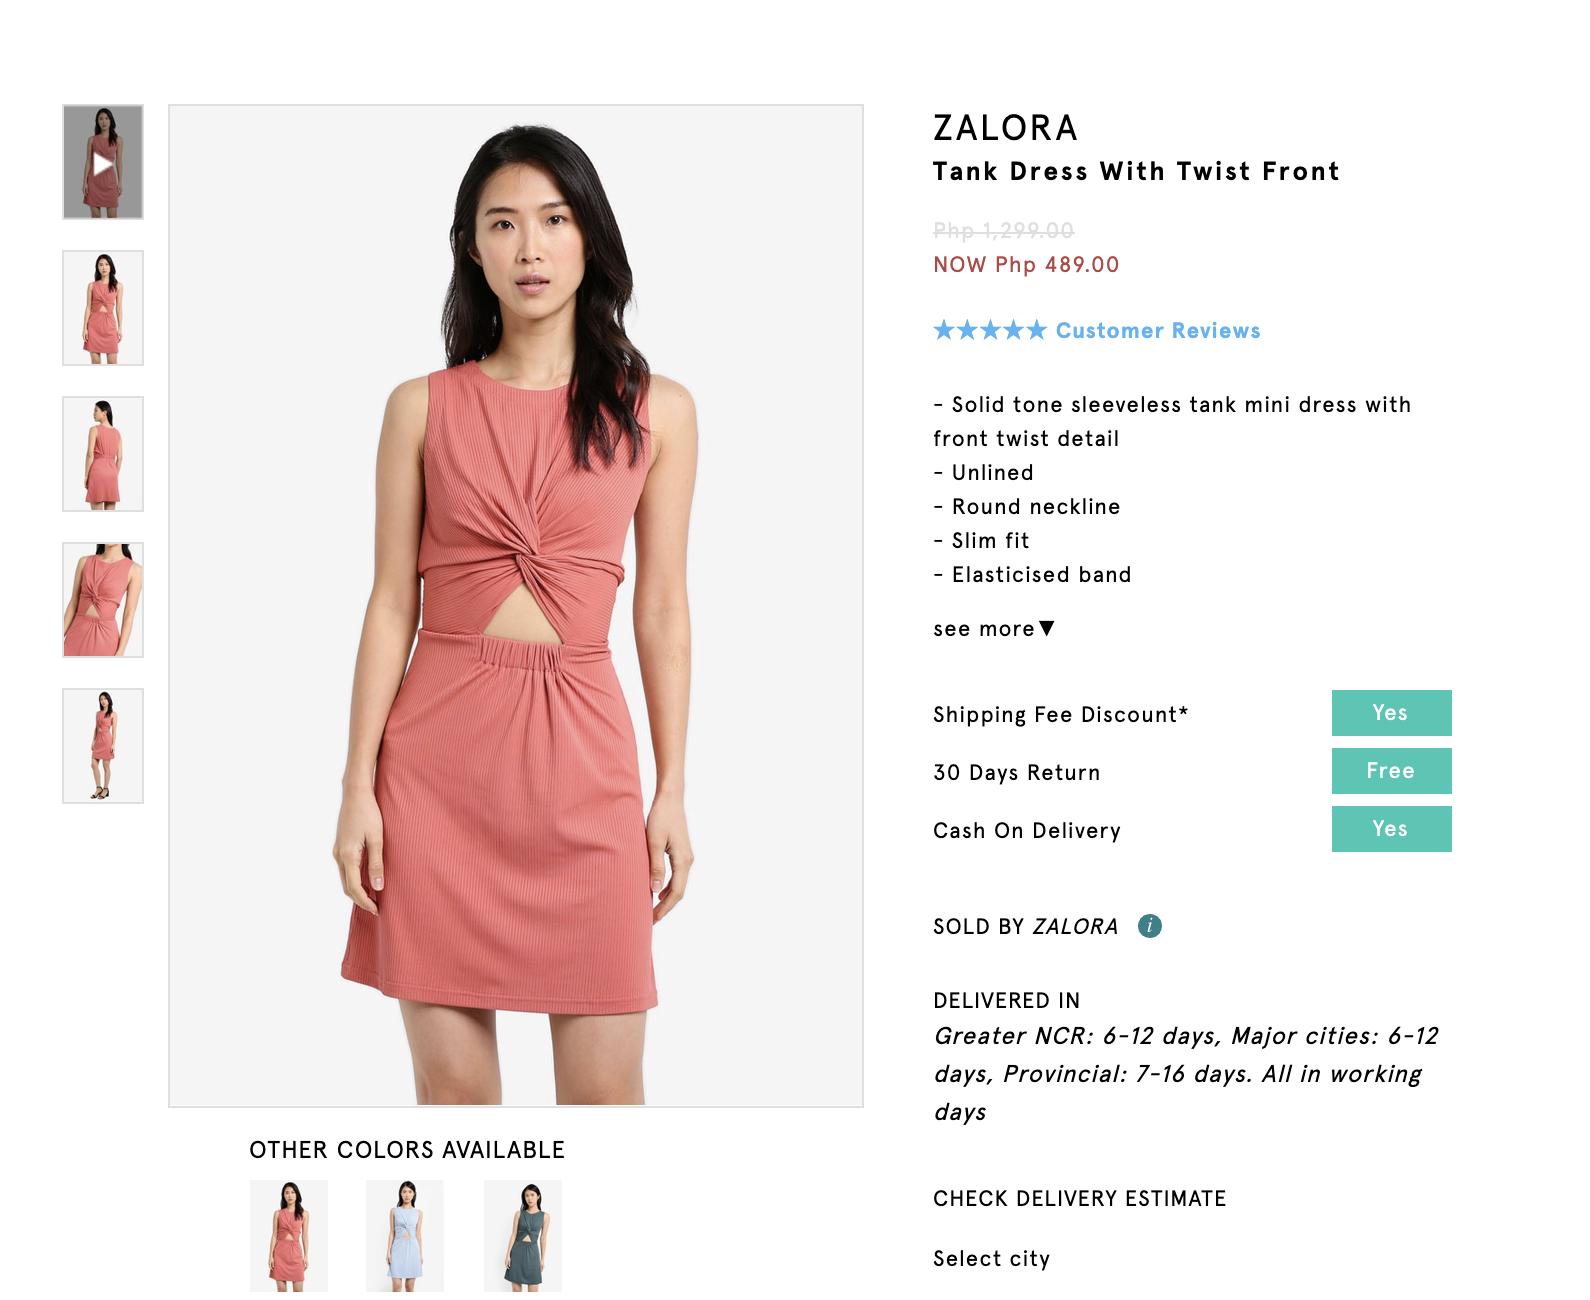 Screenshot of Zalora Basics Tank Dress with Twist Front